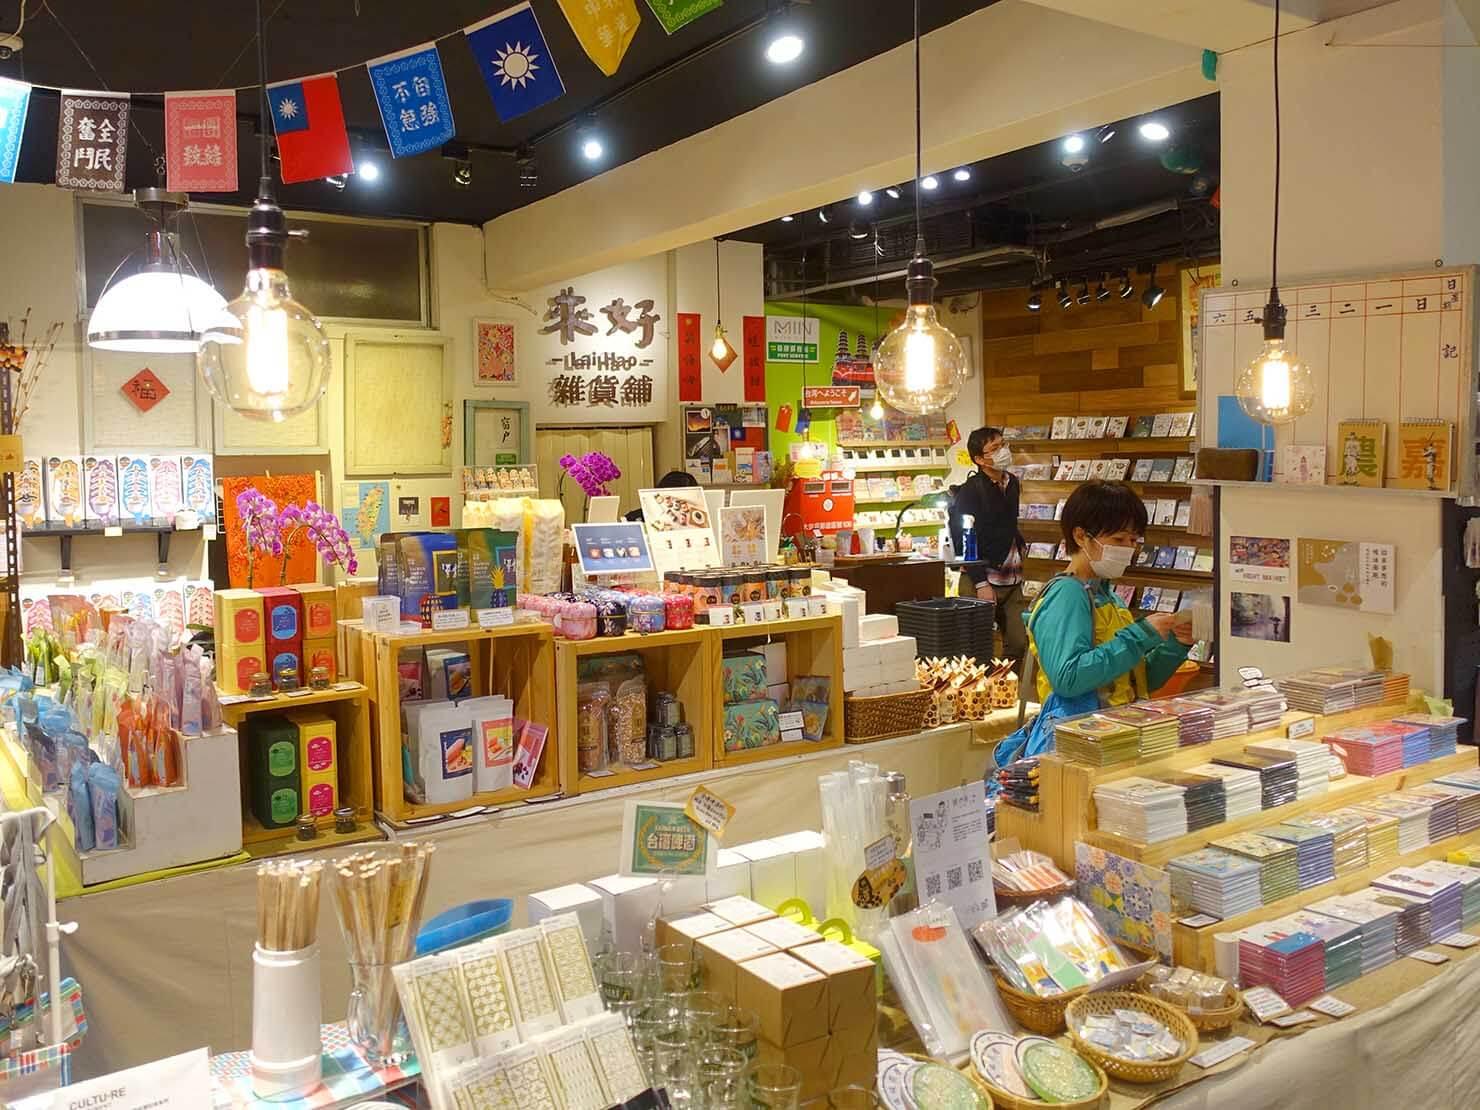 台北・永康街のおすすめおみやげショップ「來好 LAIHAO」のB1フロア